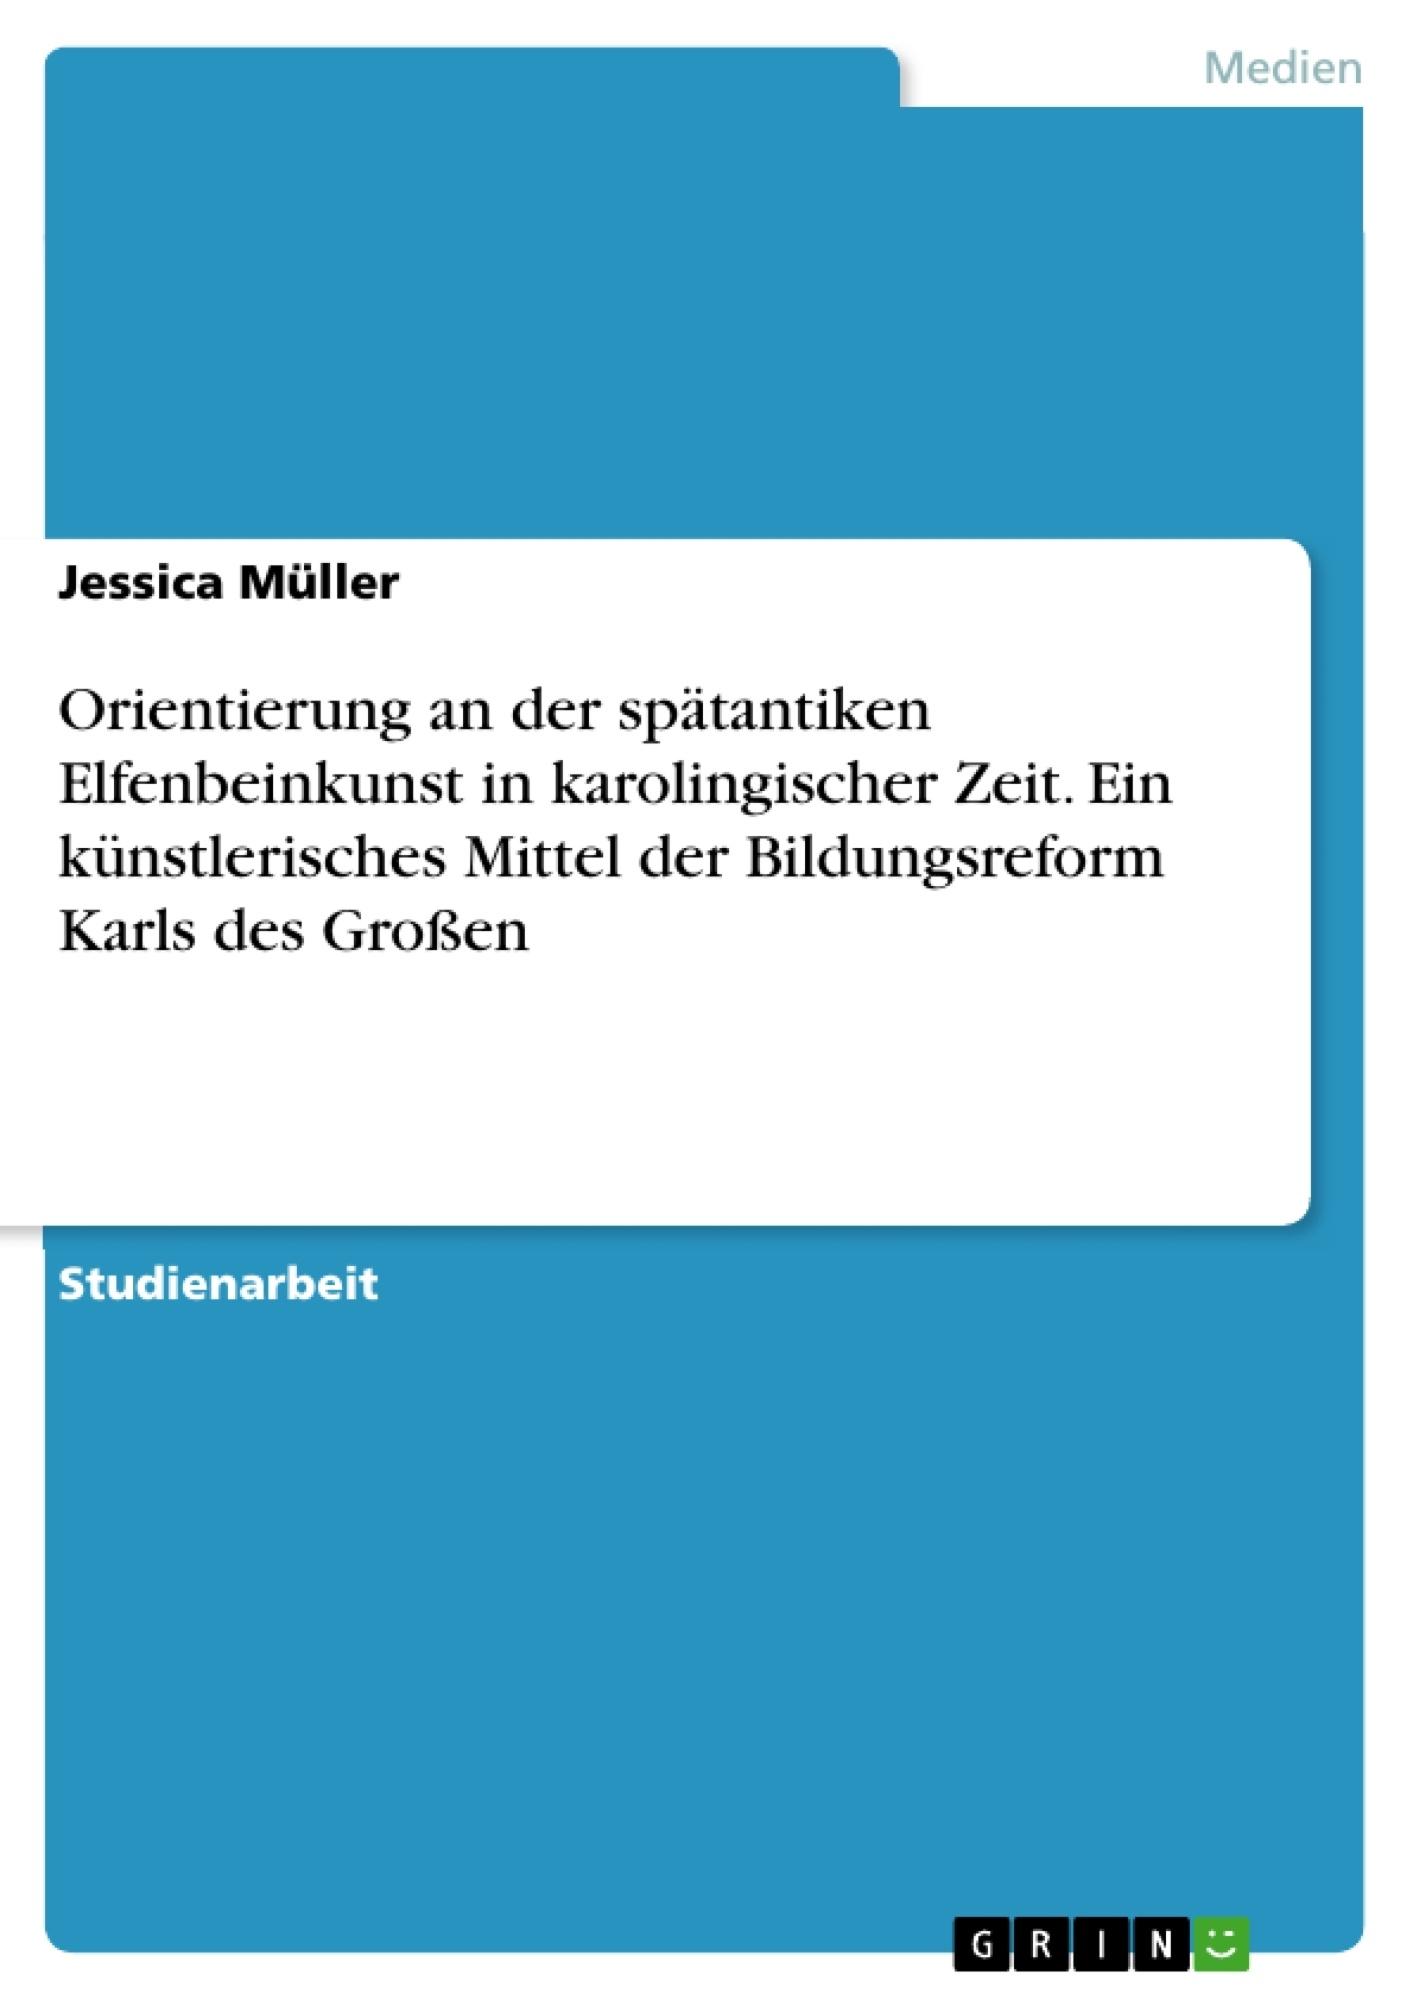 Titel: Orientierung an der spätantiken Elfenbeinkunst in karolingischer Zeit. Ein künstlerisches Mittel der Bildungsreform Karls des Großen